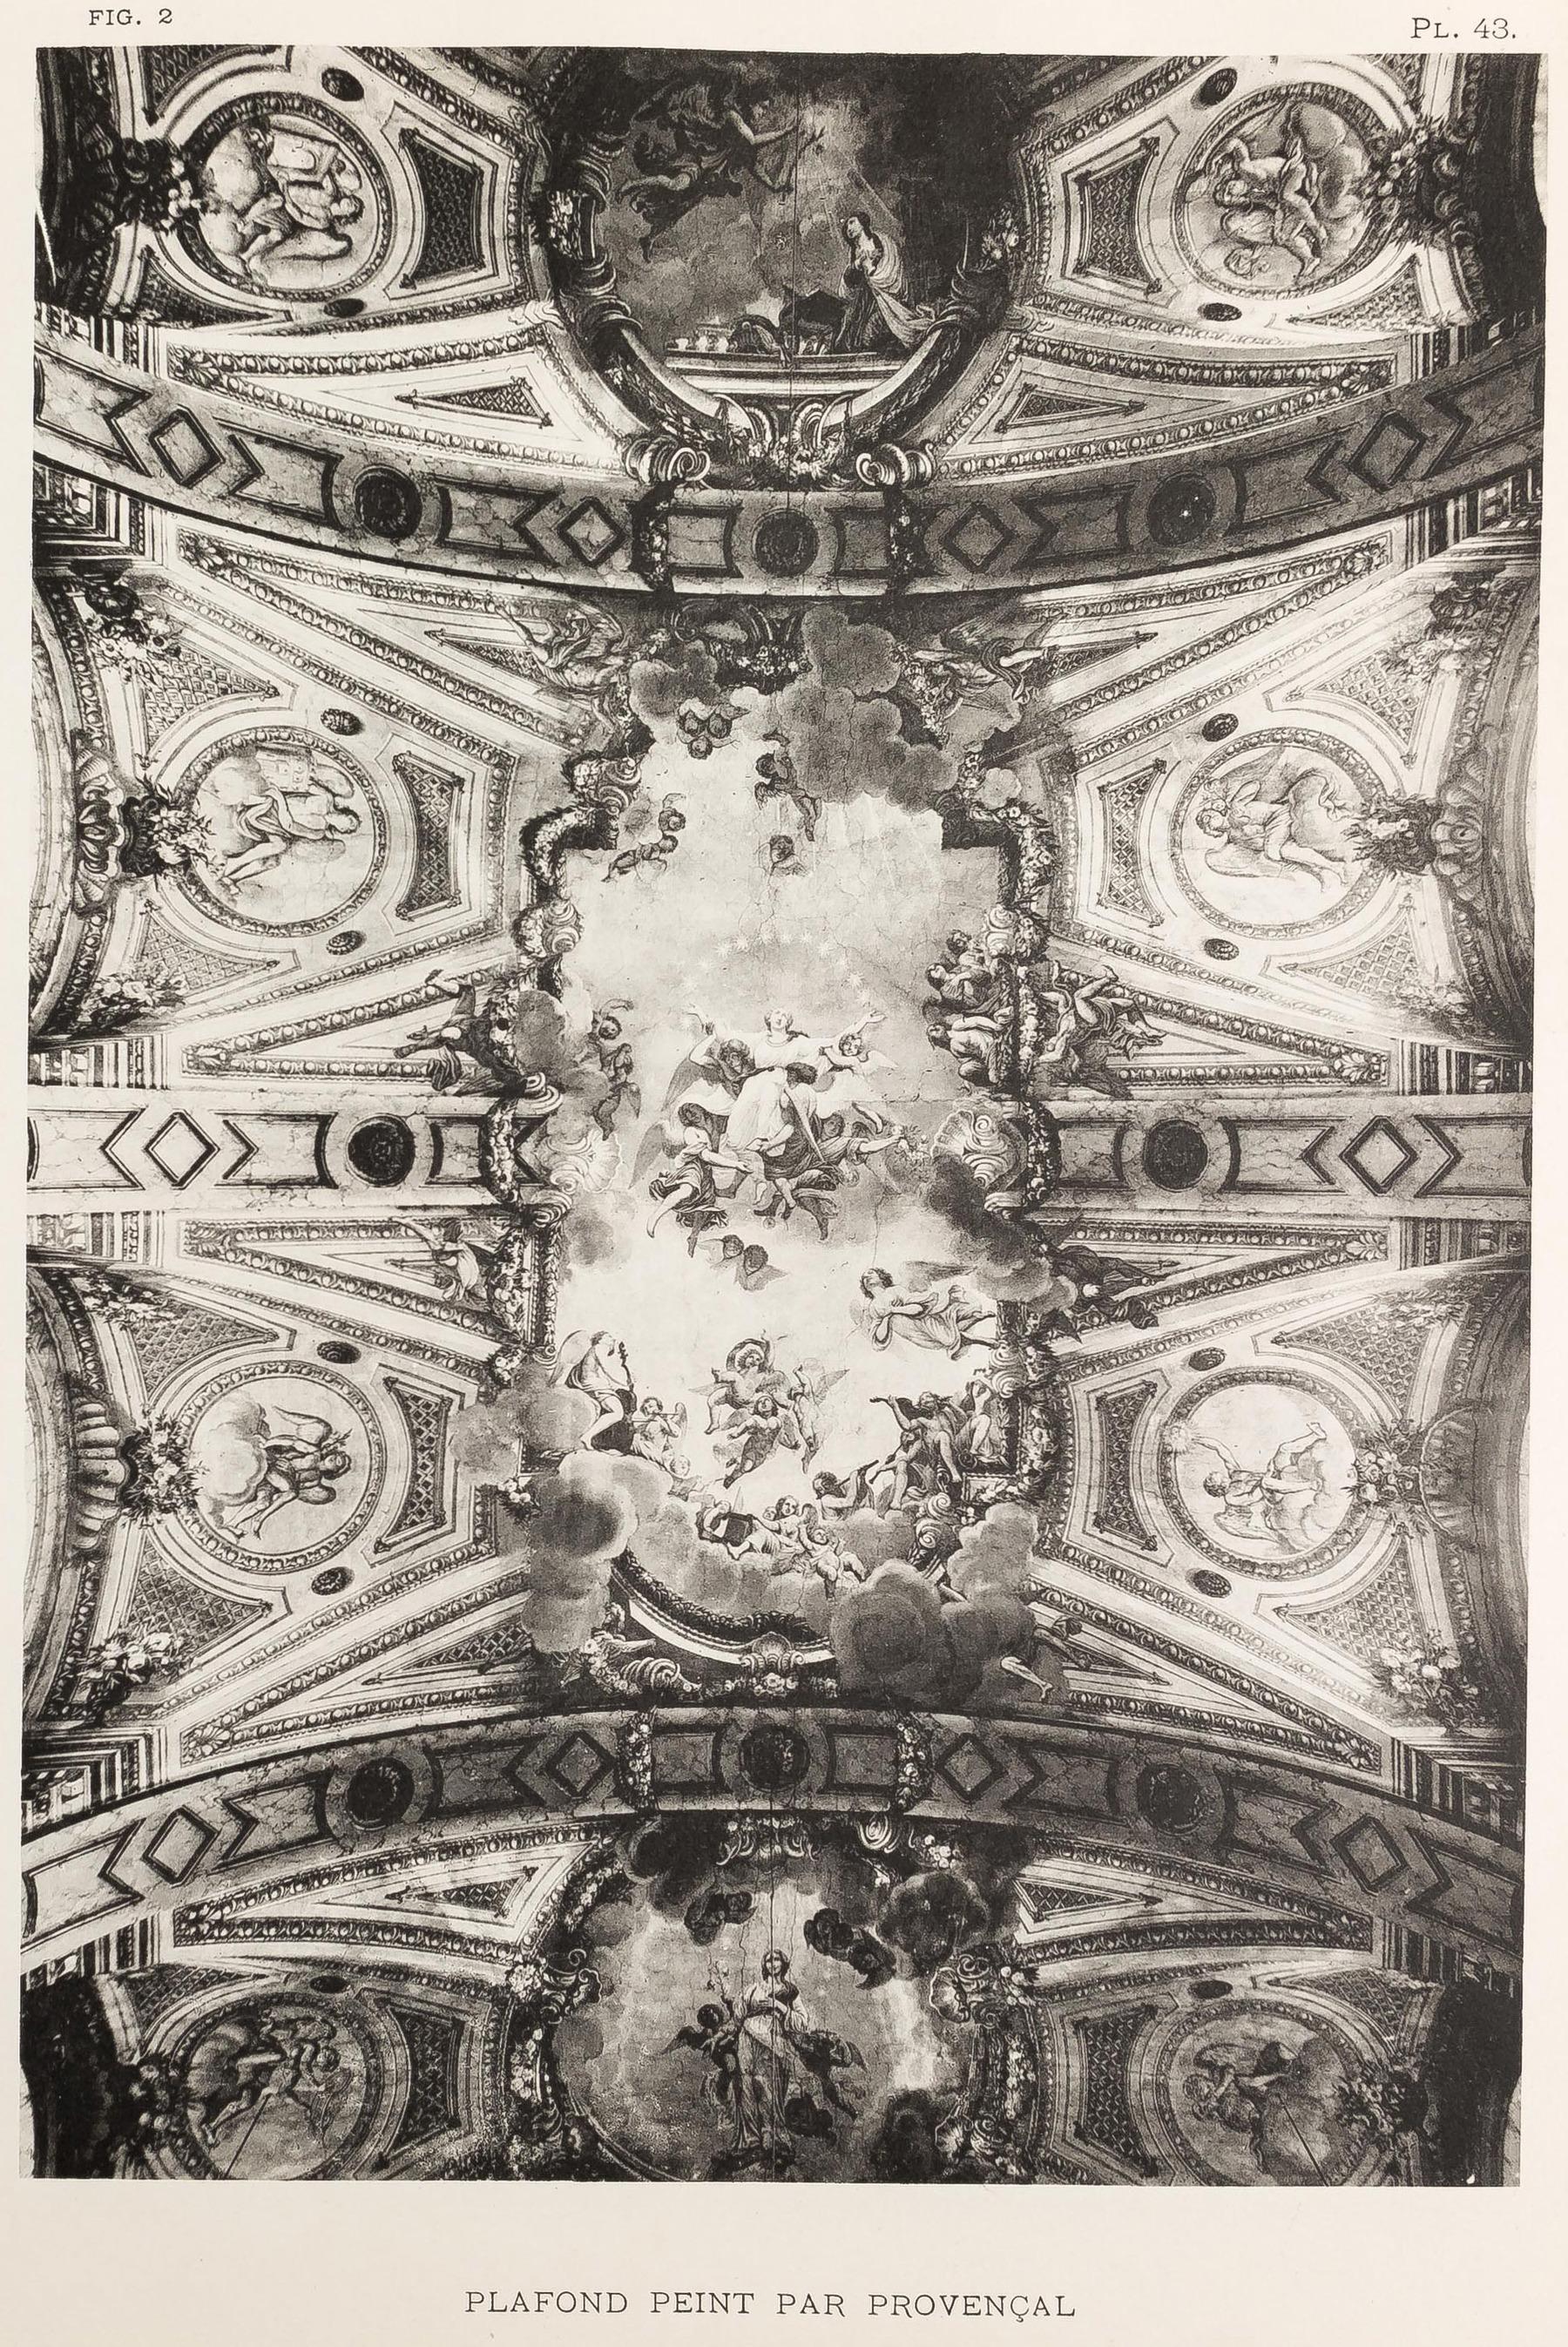 Contenu du Bonsecours : plafond peint par Provençal